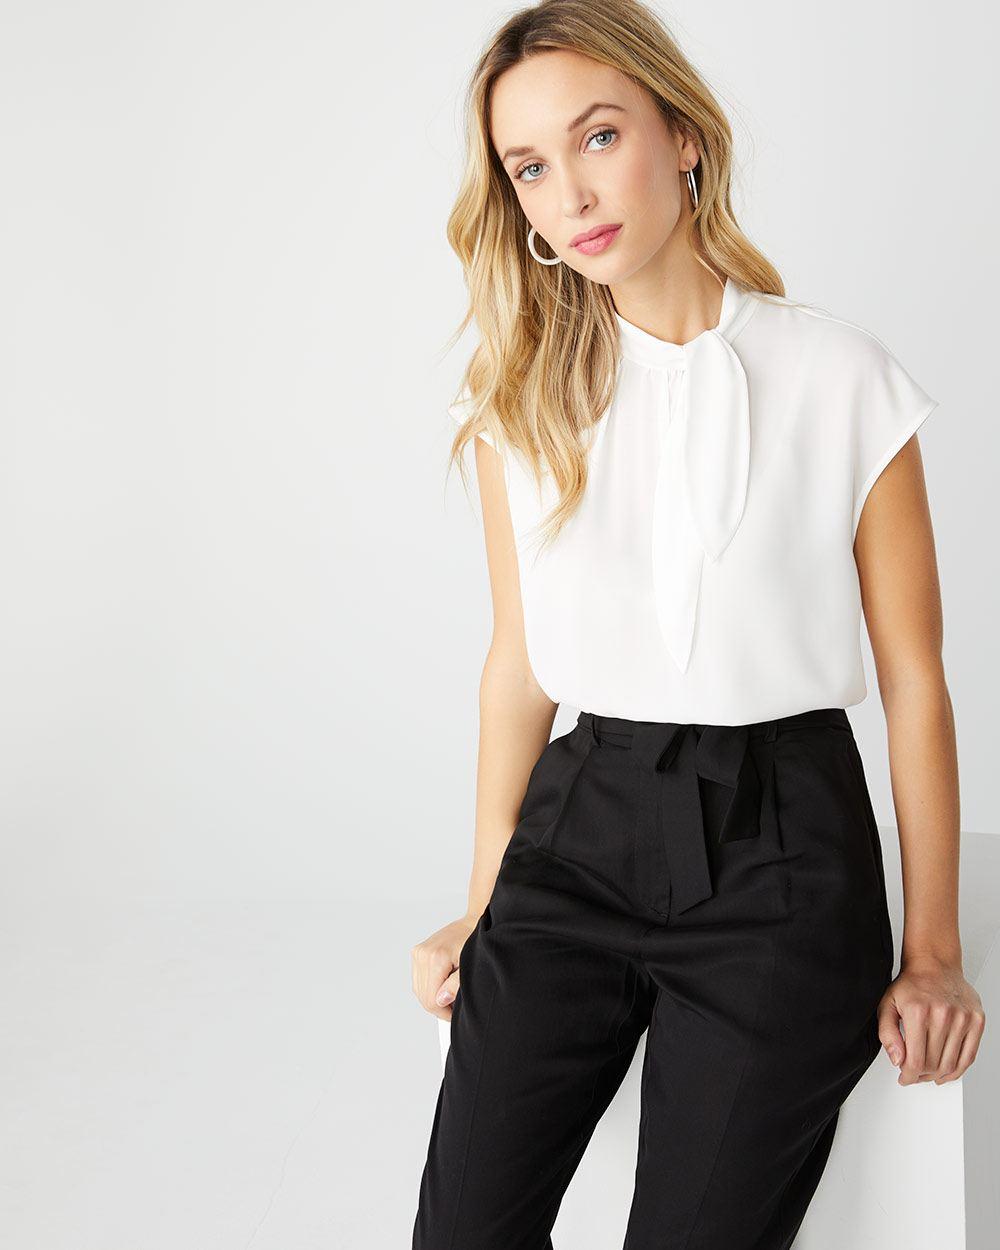 592824ed96571 White sleeveless mixed media t-shirt with bow